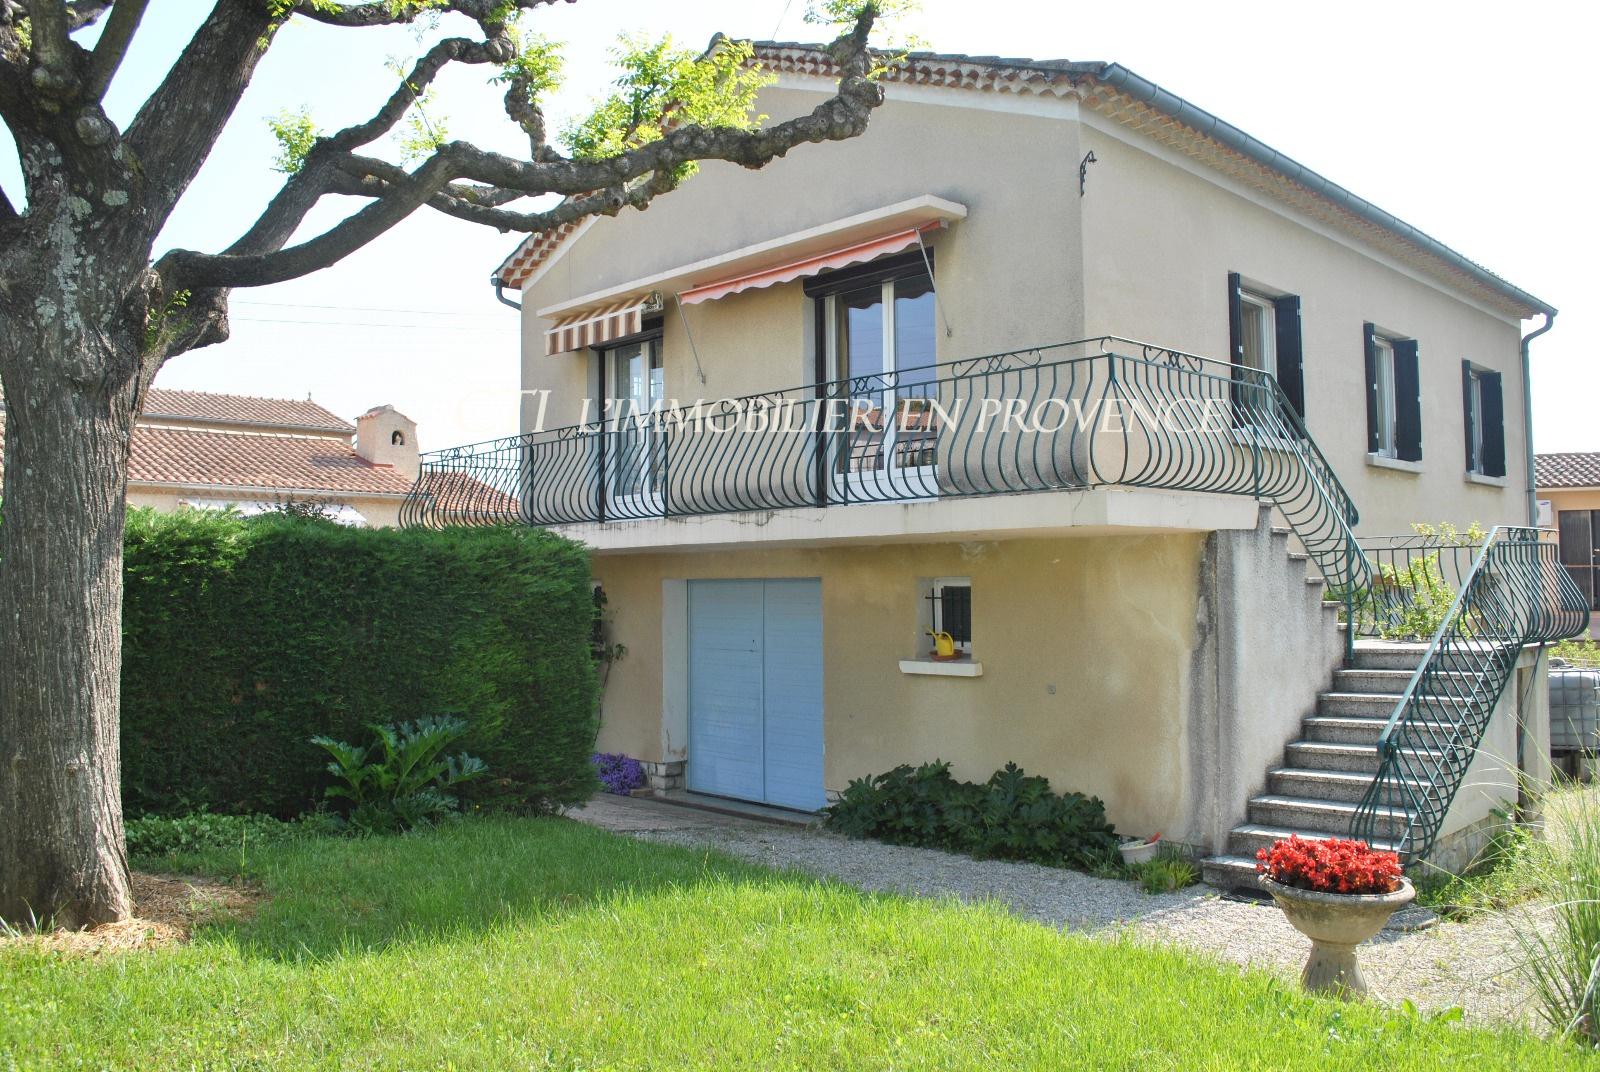 0 www.cti-provence.net vente maison sur 2 niveaux, avec 2 chambres et dépendances, jardin clo